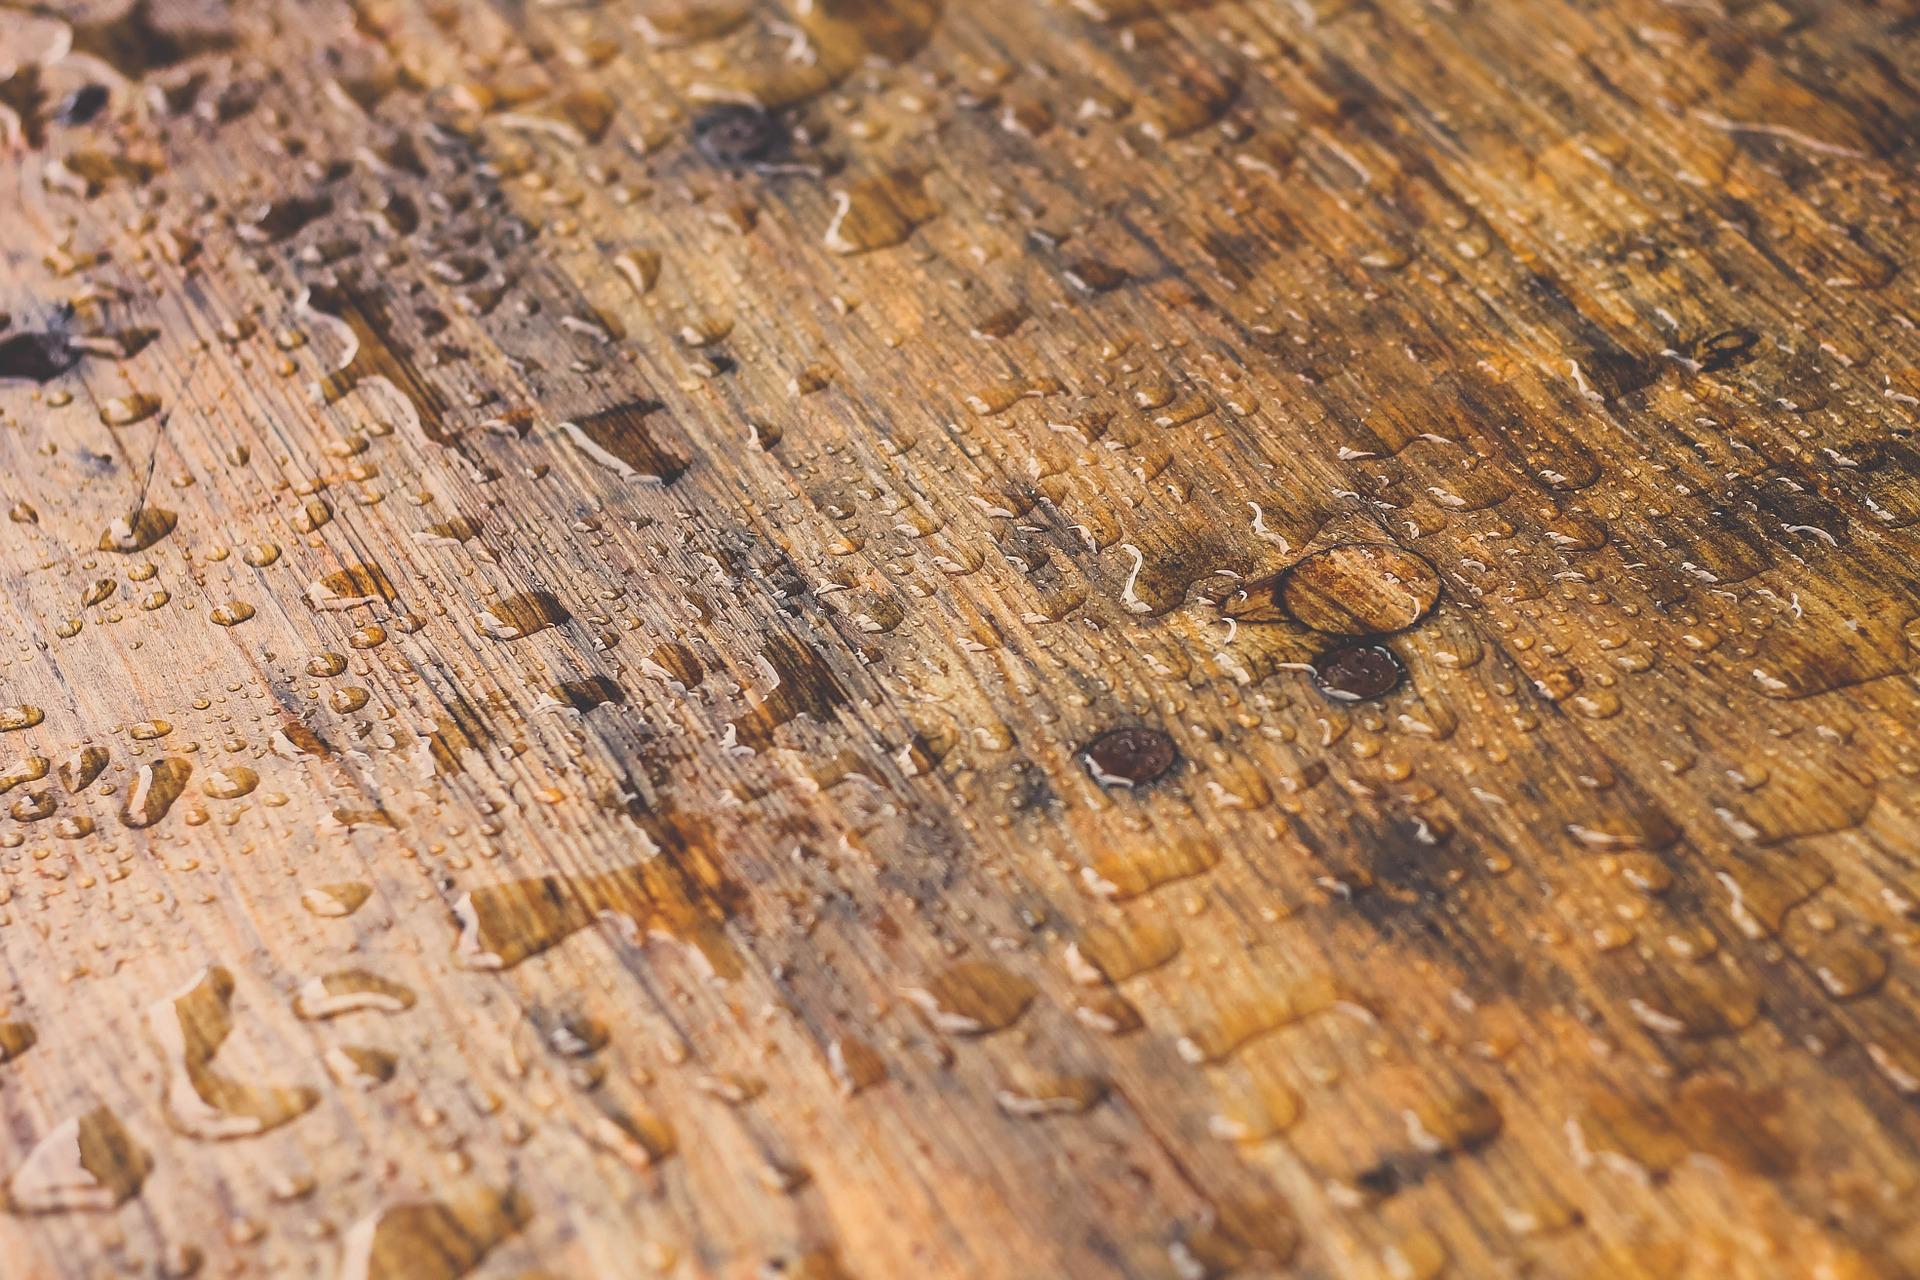 Tidying Wooden Floors